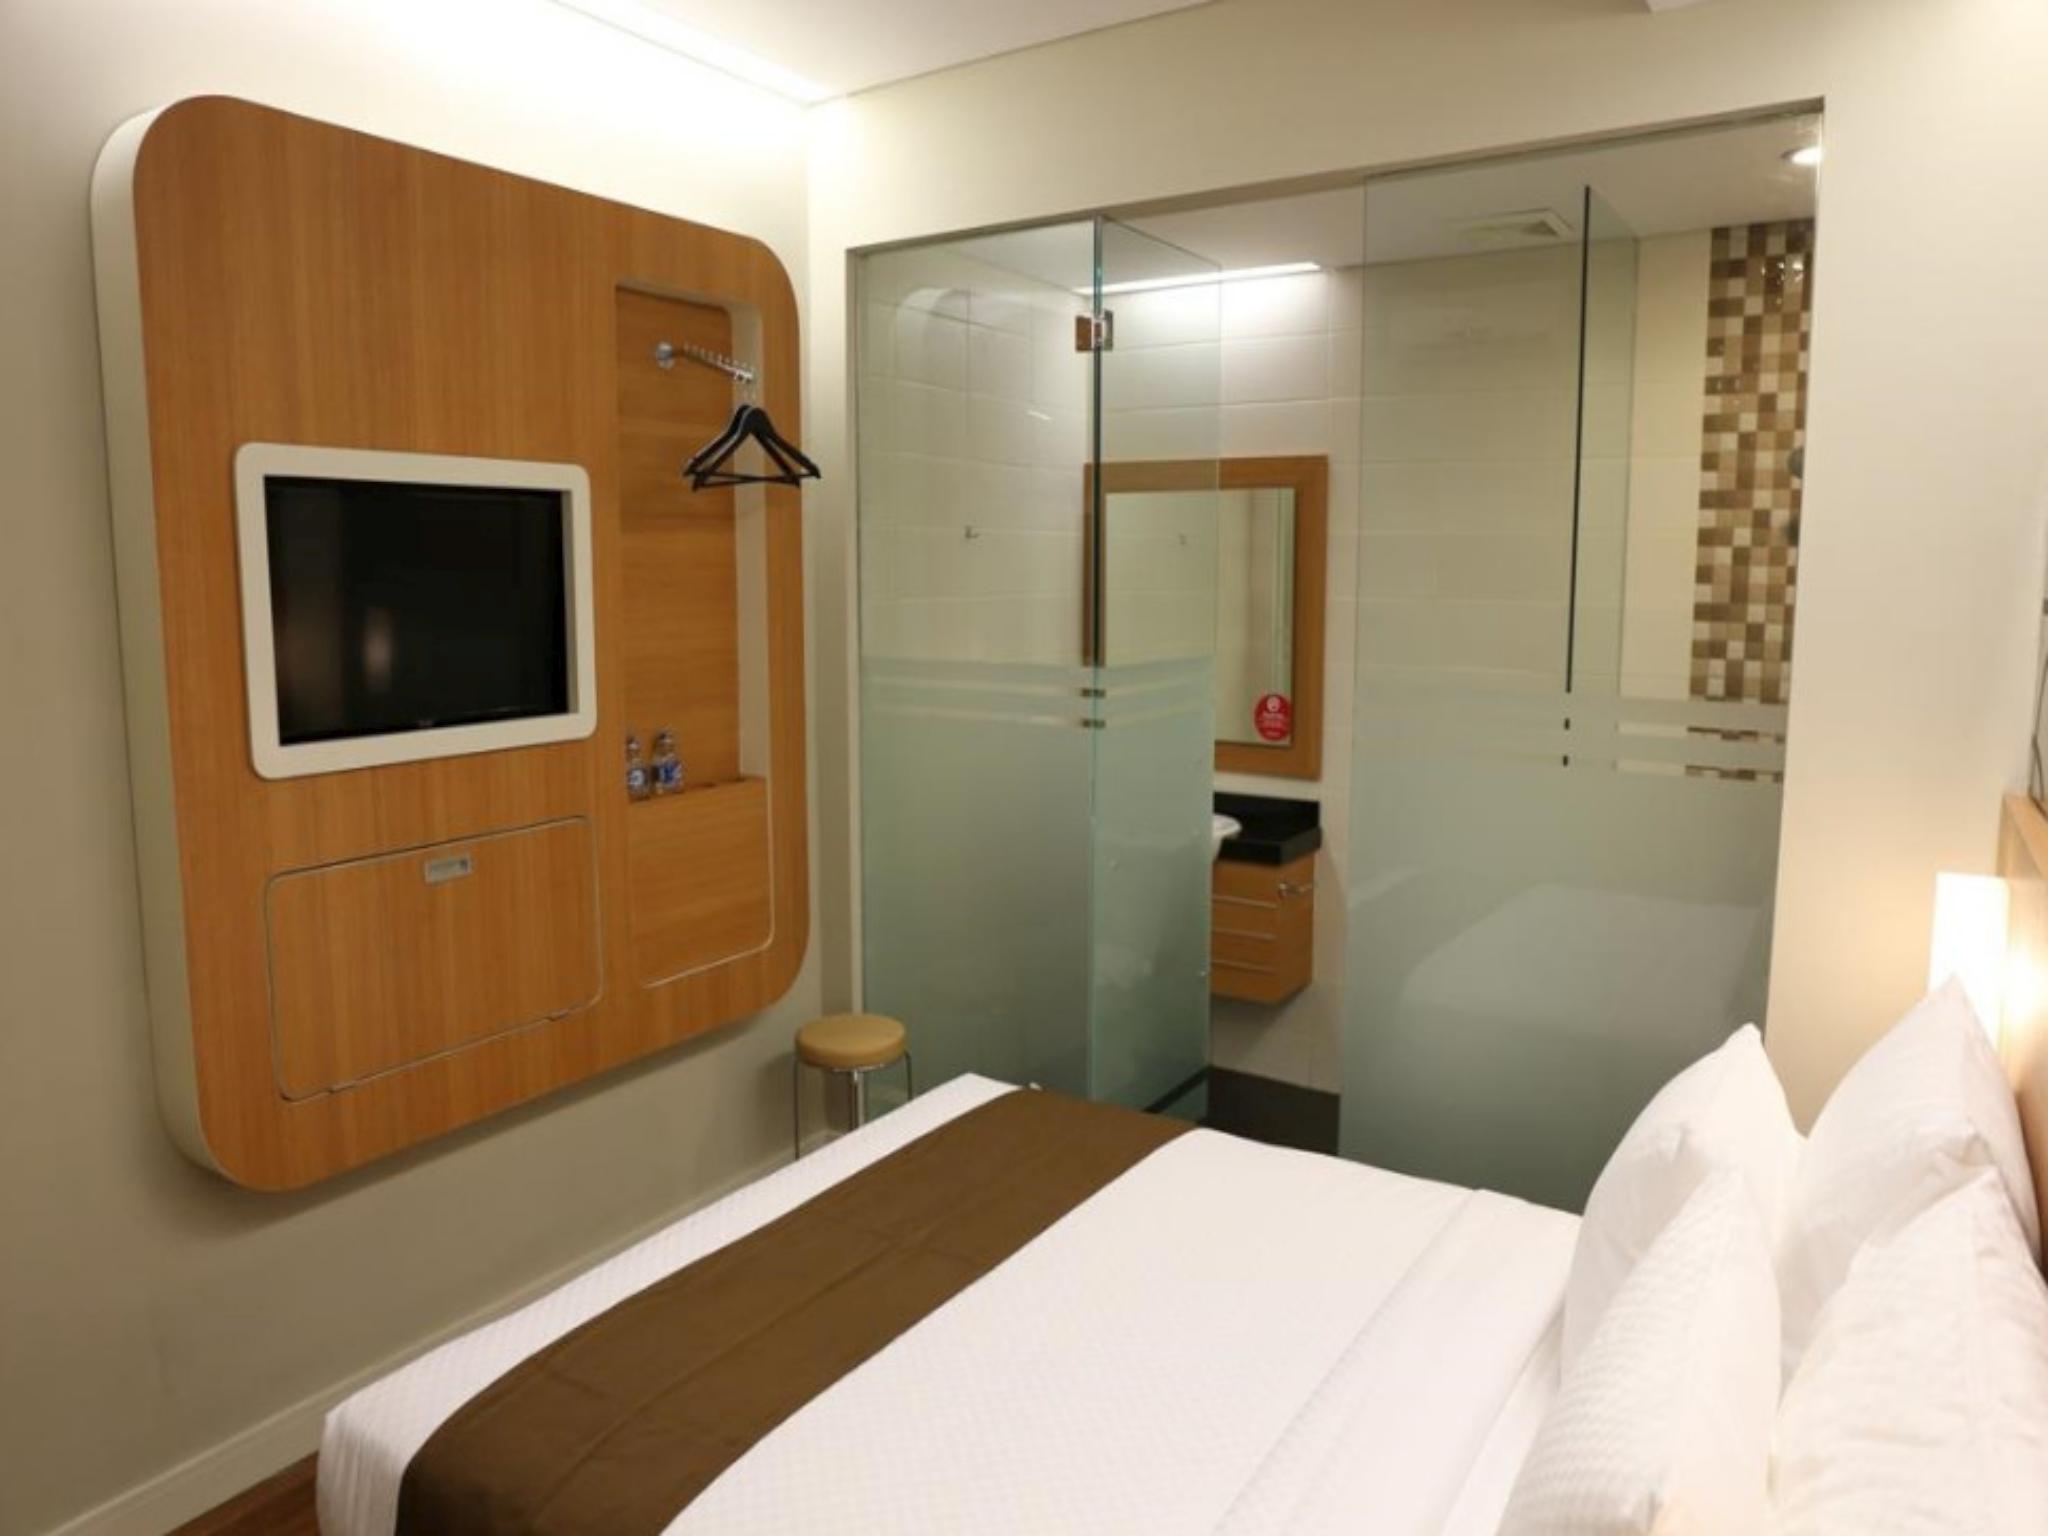 Hotel Citihub Hotel @ Abepura - Jl. Baru 100 Abepura - Jayapura